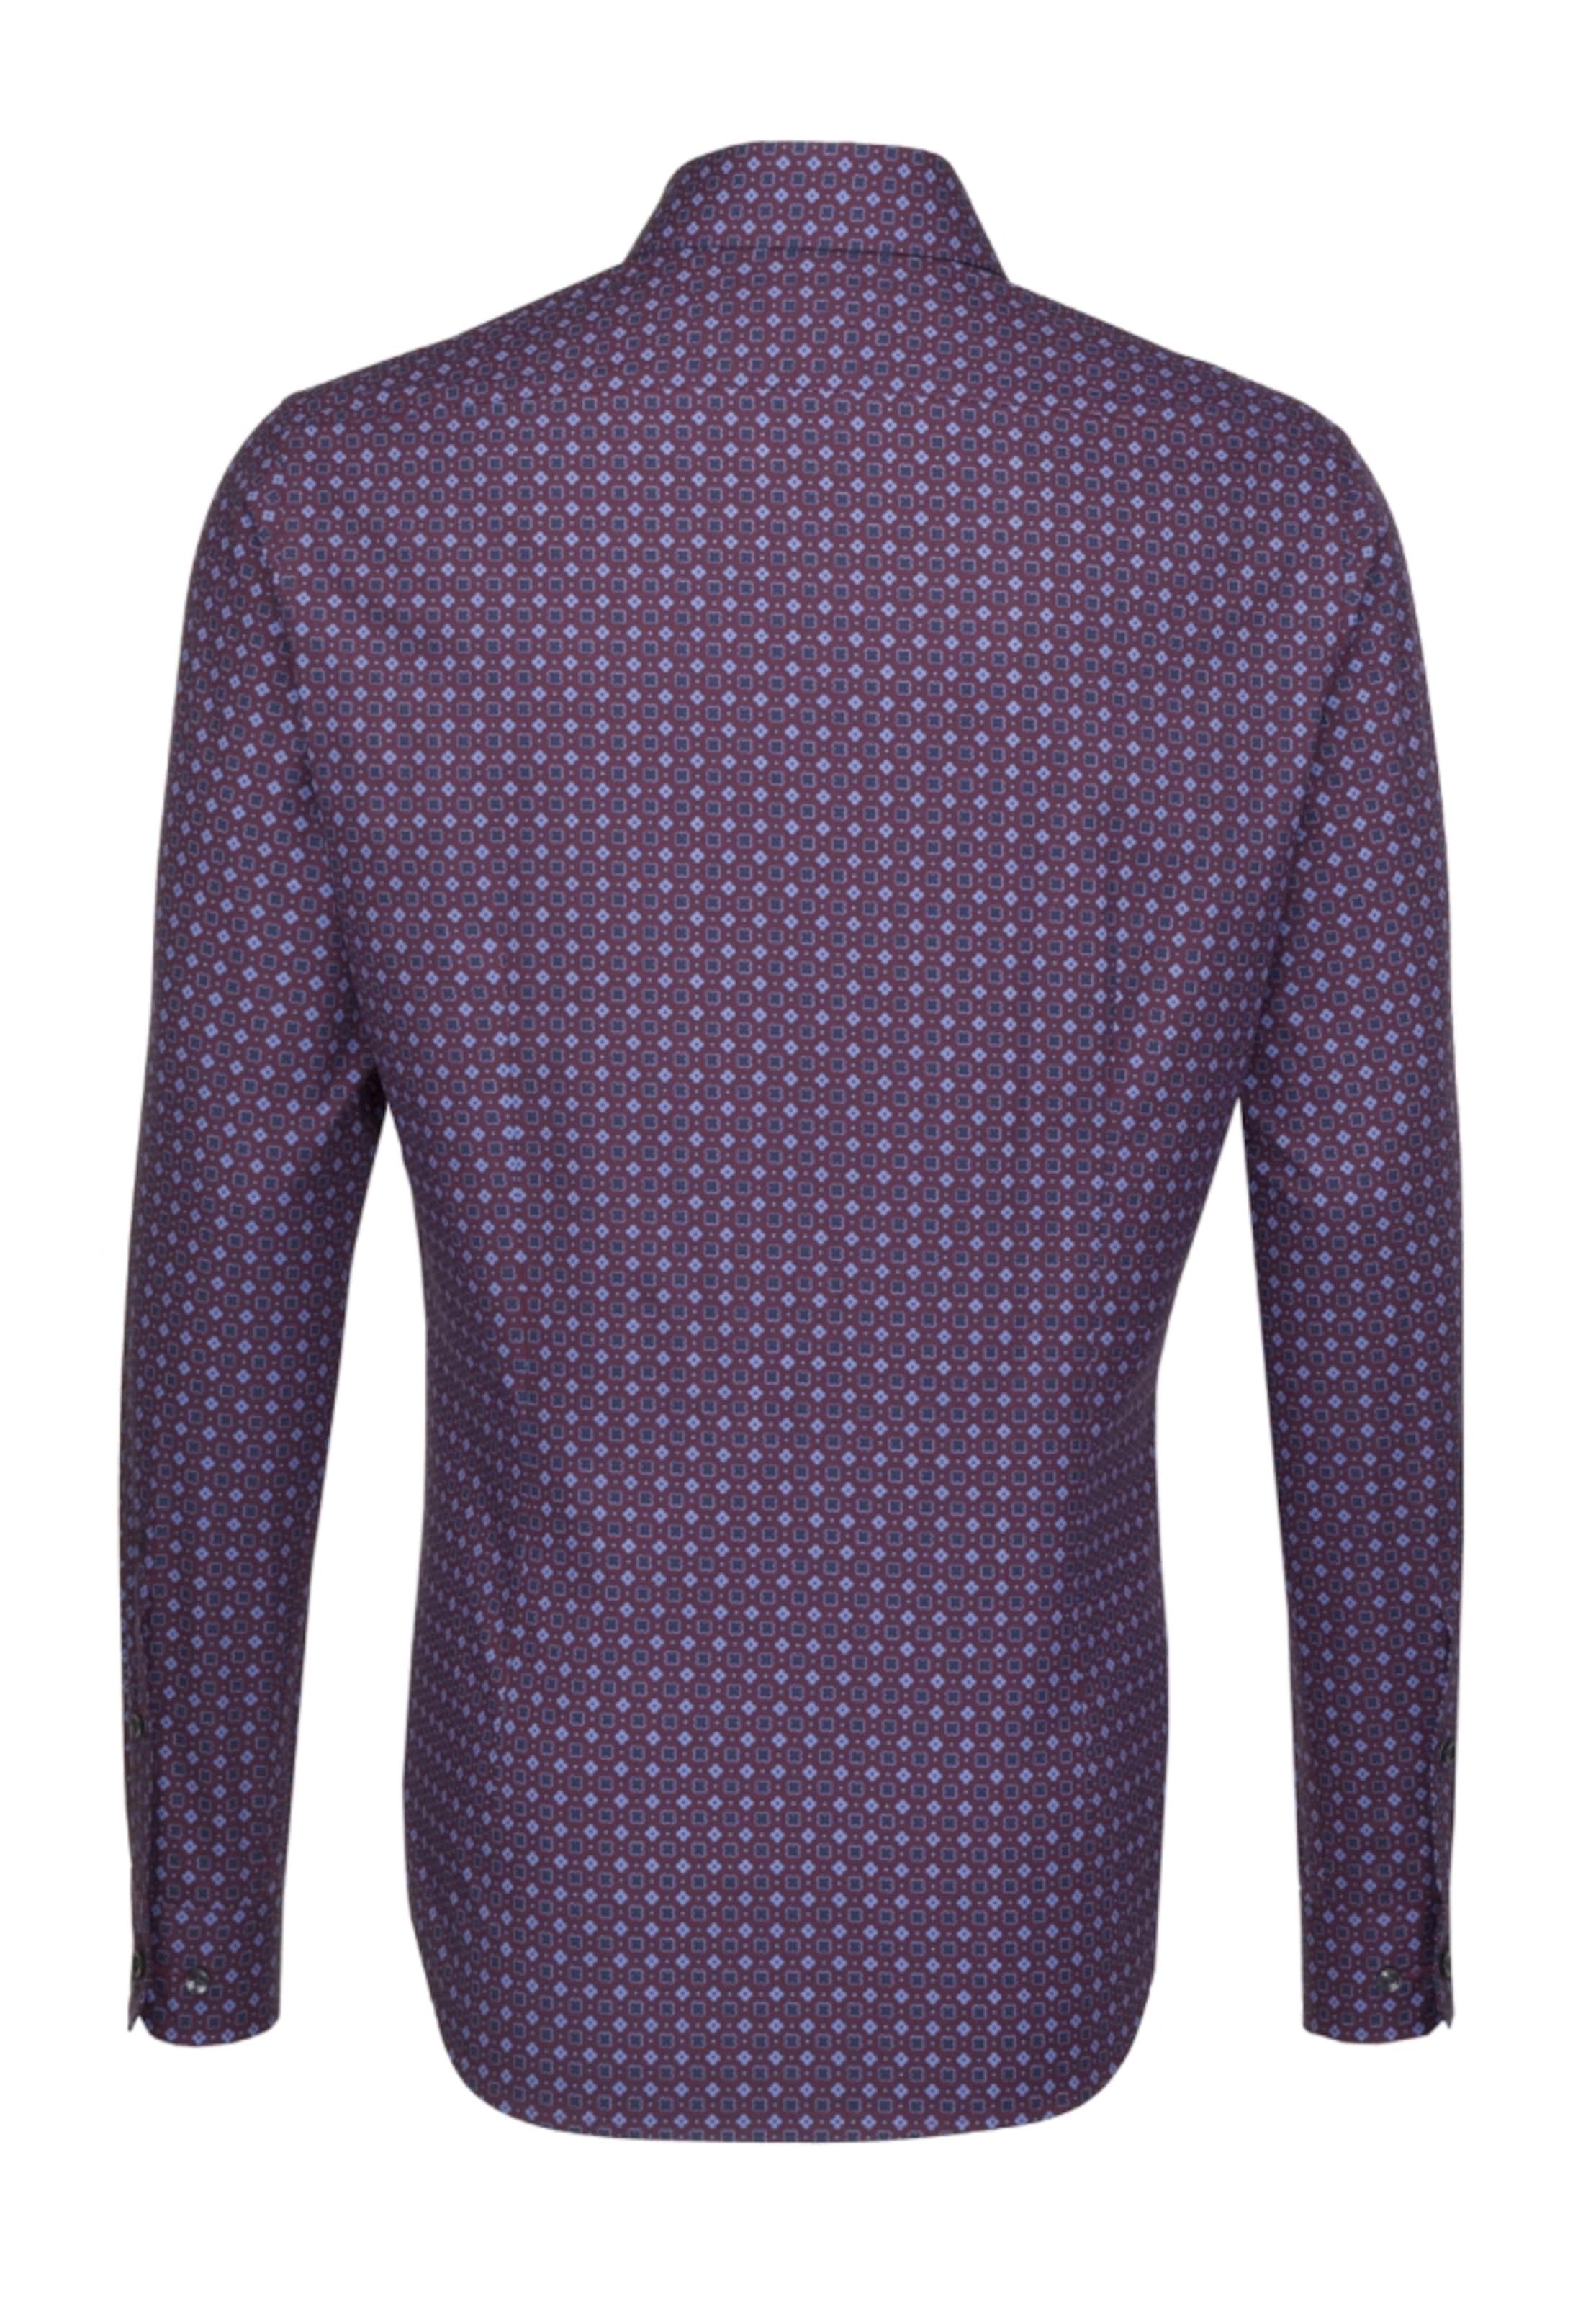 Rabatt Neue Stile SEIDENSTICKER City-Hemd 'Tailored' Kosten Günstiger Preis Besuchen Neu Zu Verkaufen Sehr Günstiger Preis Billig Verkauf 2018 Neue 9HyF0m6